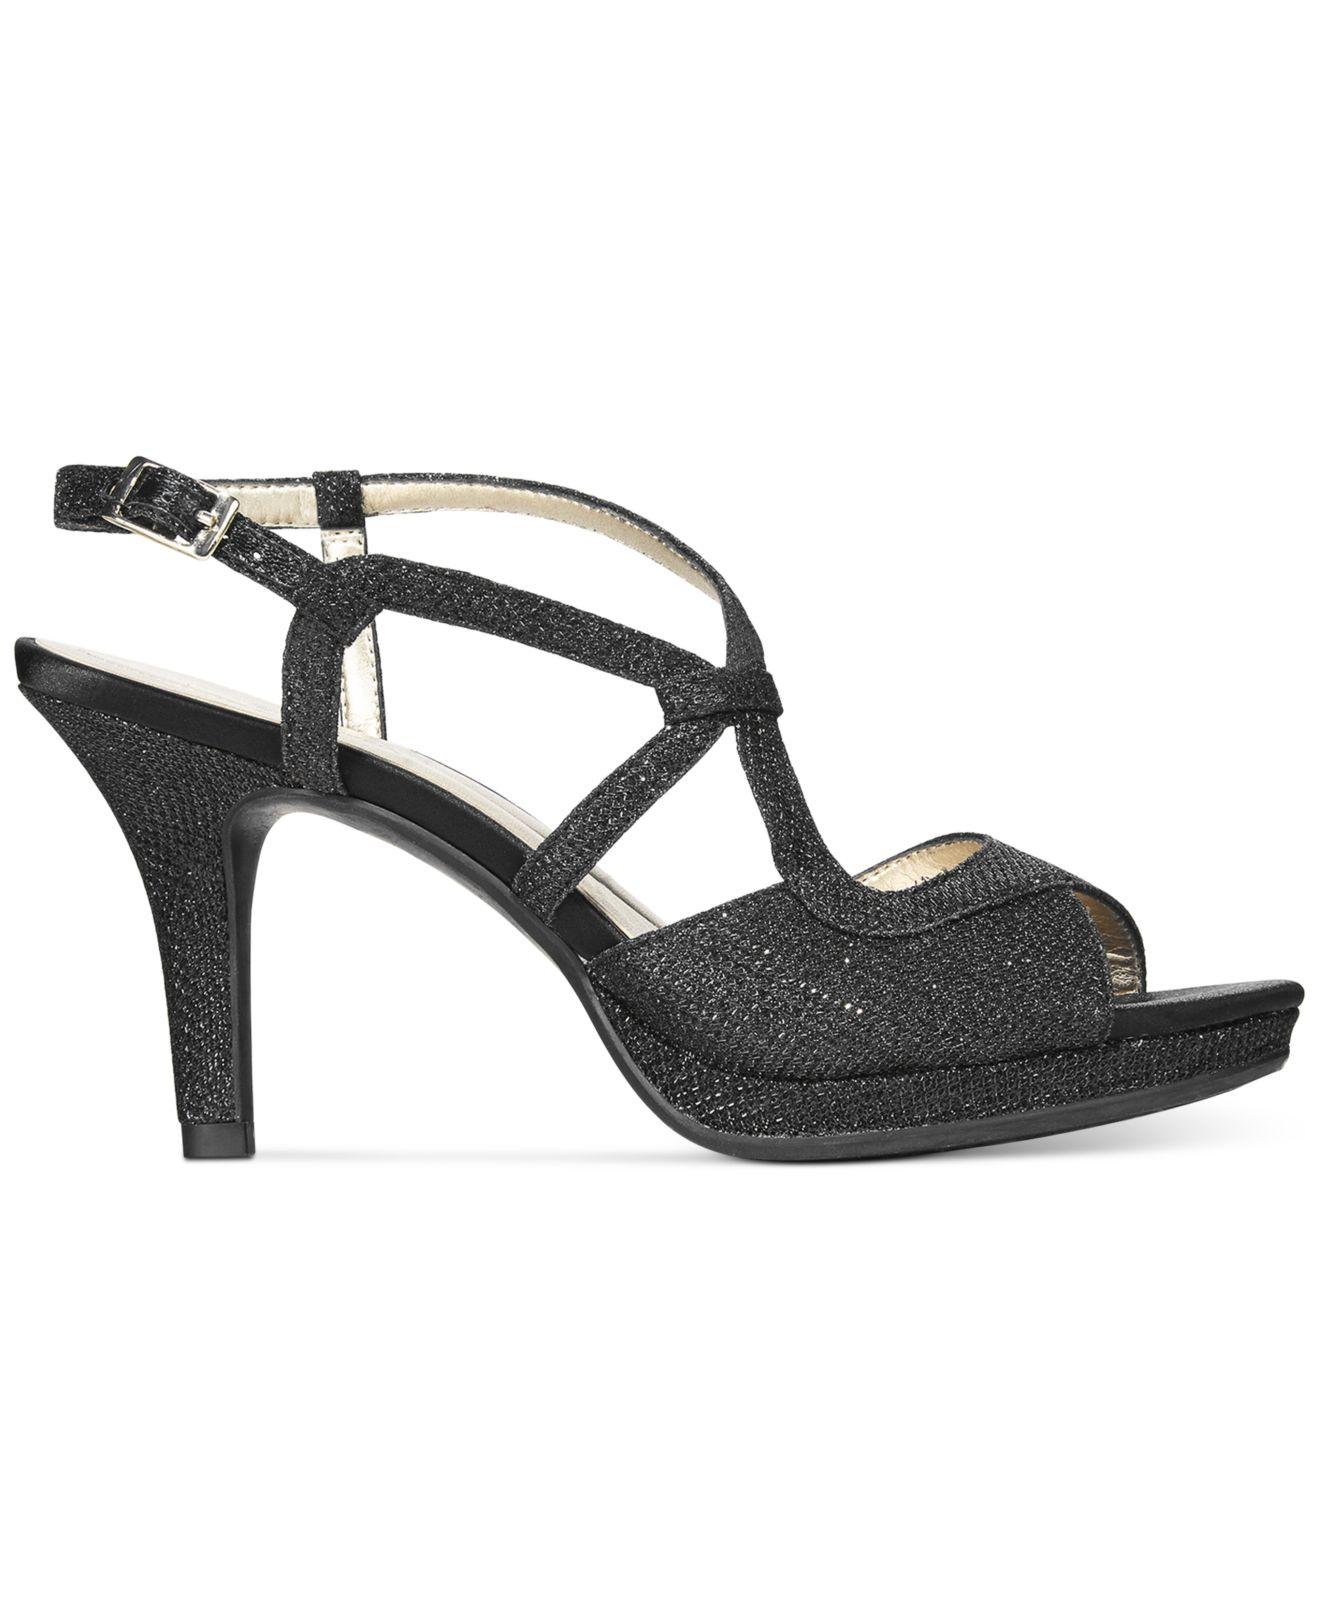 fa9e8097d78 Lyst - Bandolino Swain Evening Sandals in Black